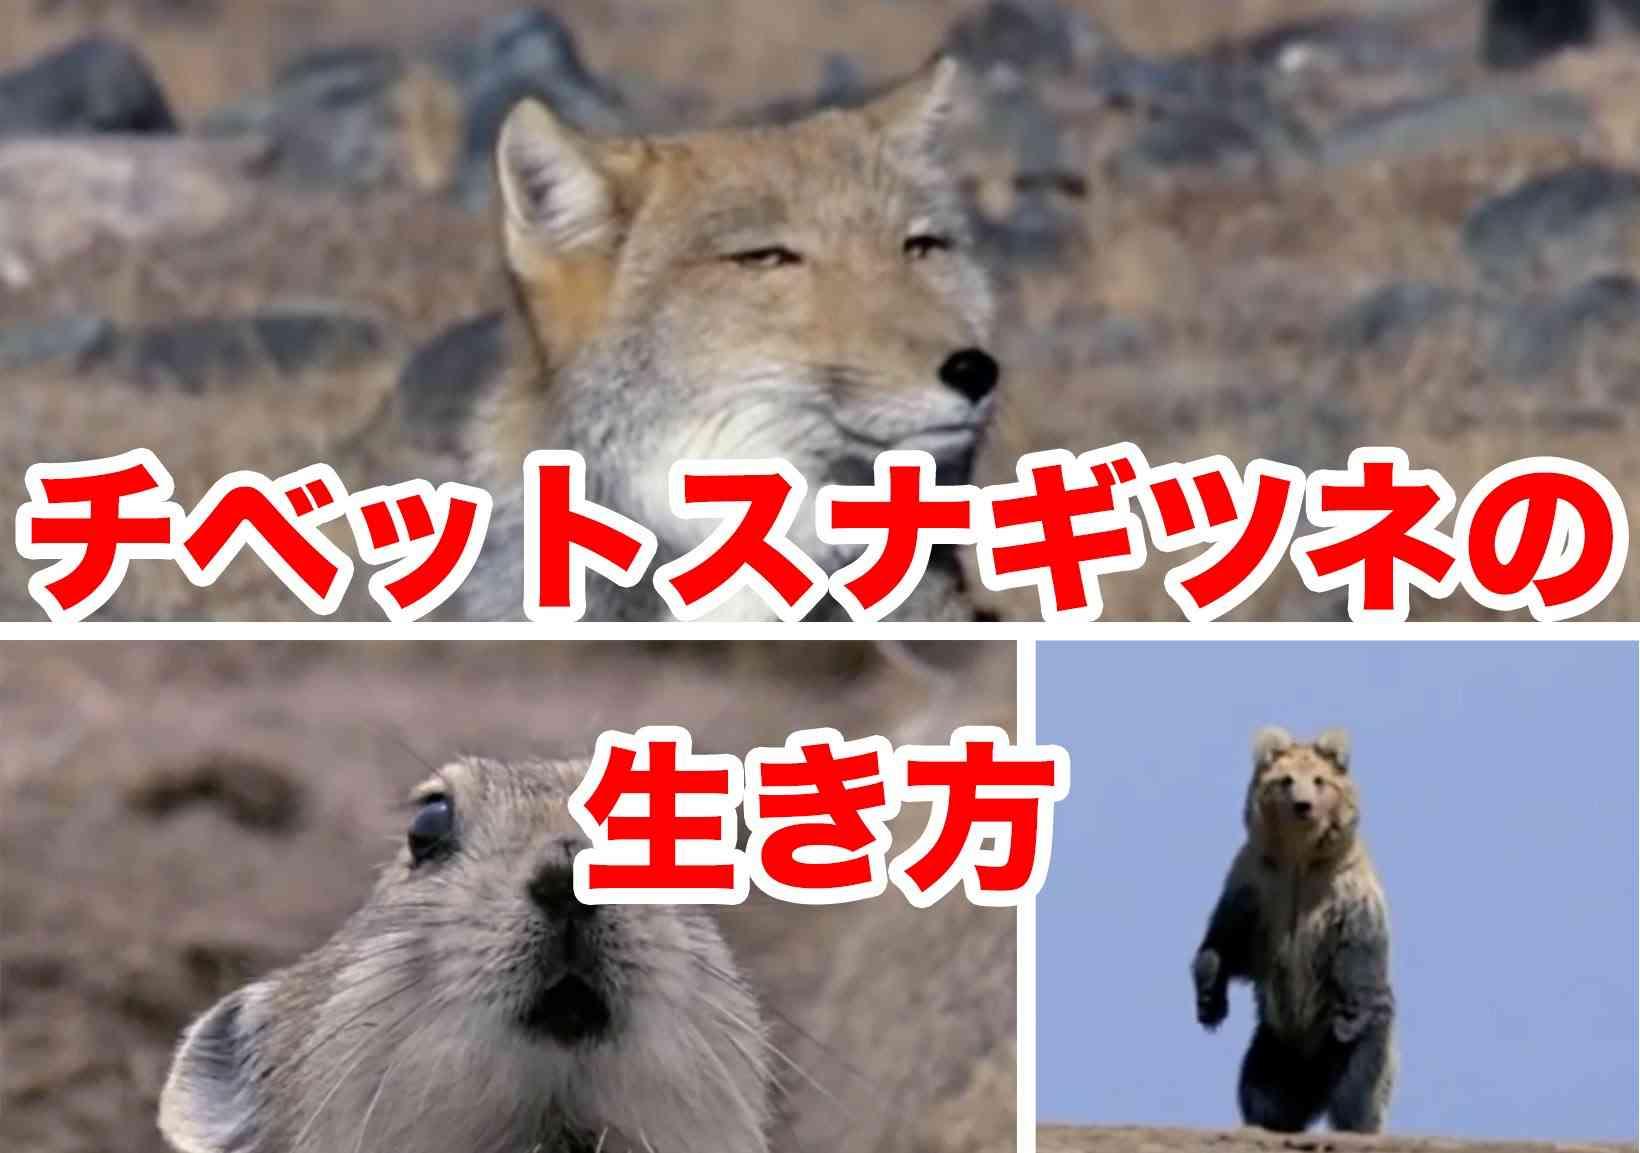 チベットスナギツネの狩り - YouTube